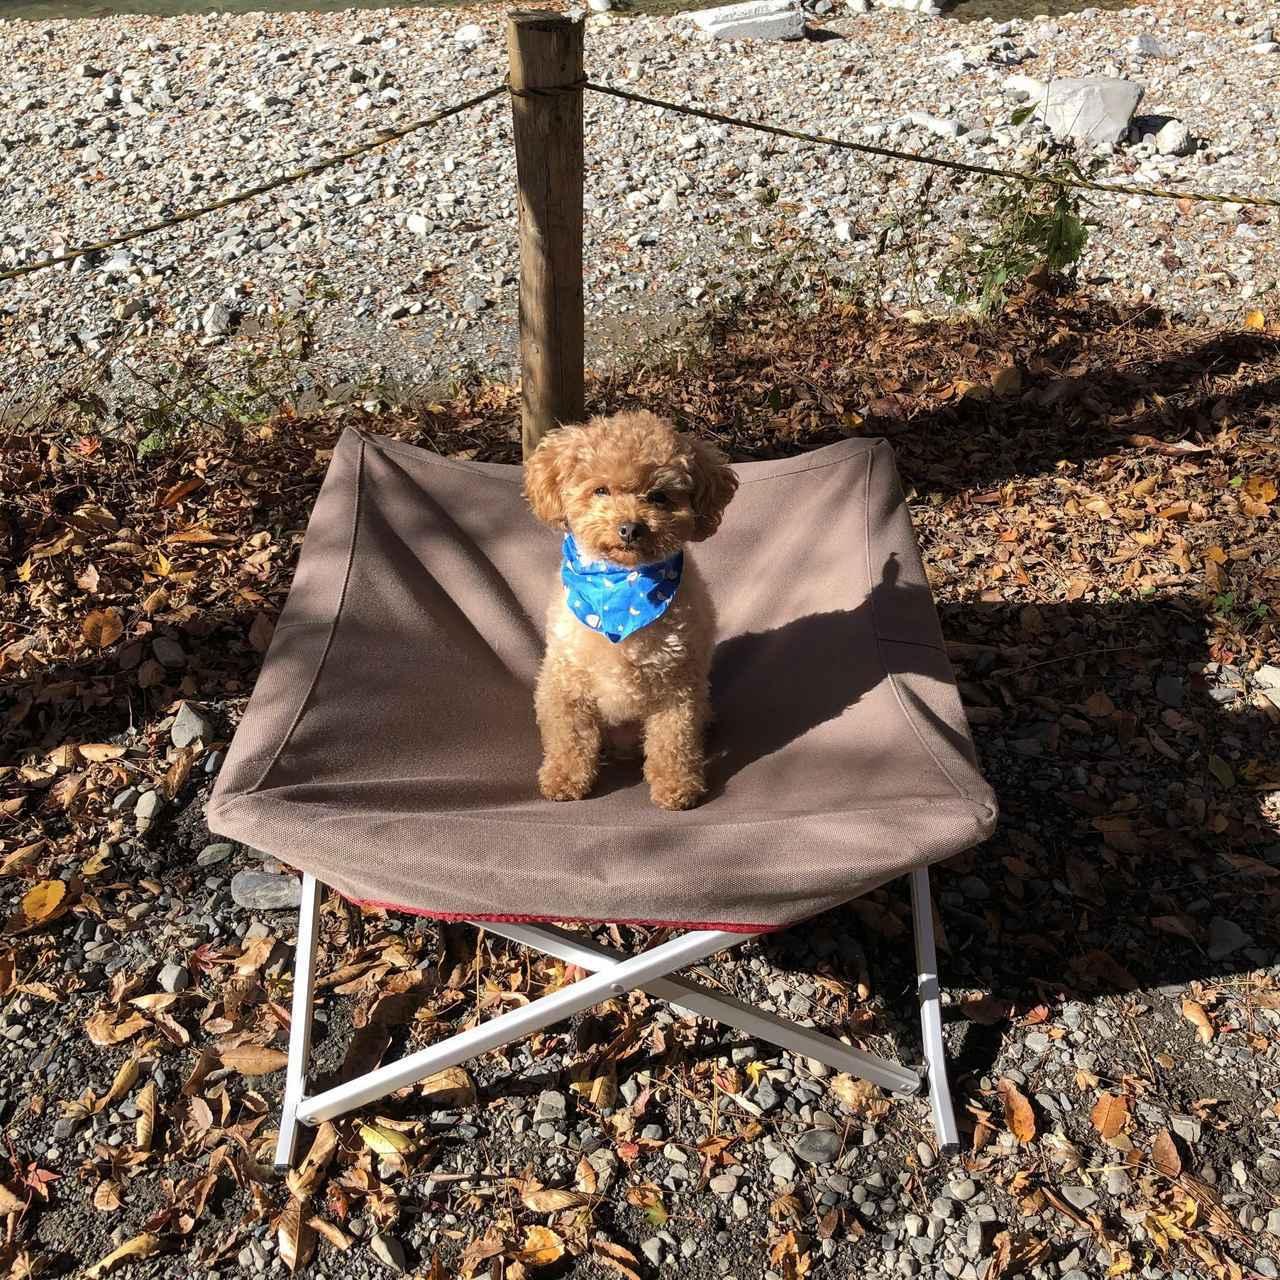 画像: スノーピーク(snowpeak)製ドッグコットを徹底レビュー 愛犬とキャンプへ行こう - ハピキャン キャンプ・アウトドア情報メディア